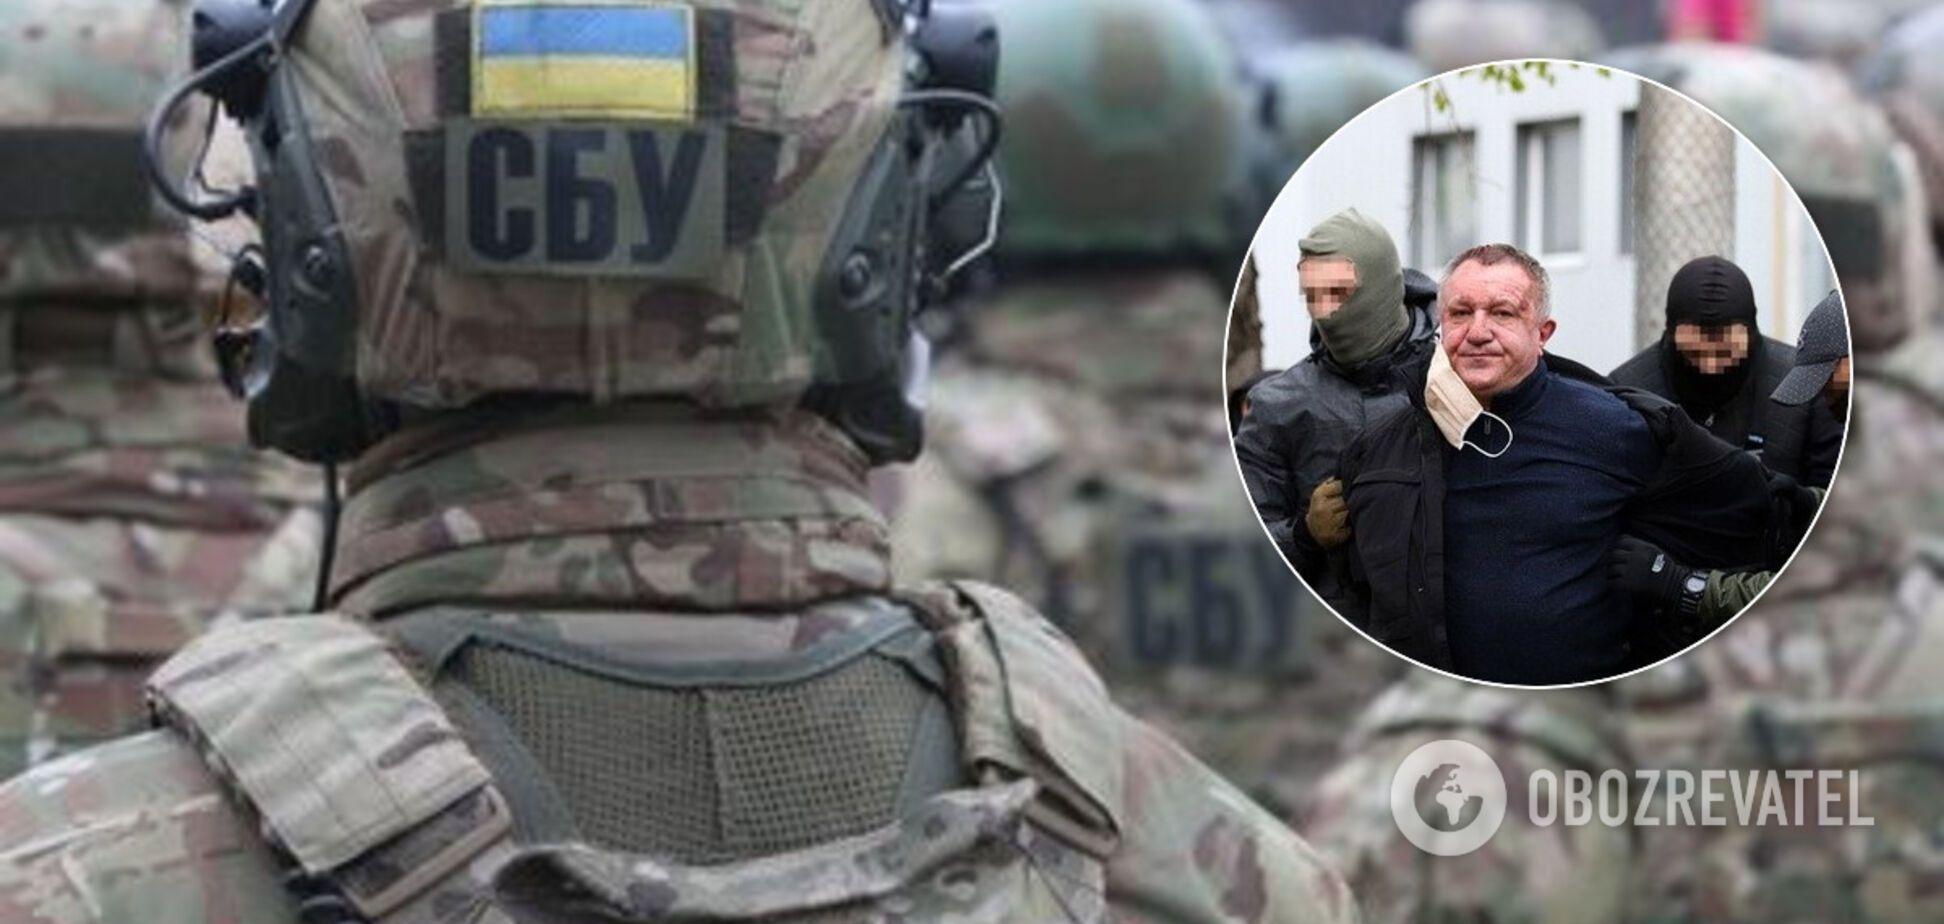 Затримано поплічника генерал-майора СБУ, якого звинувачують у державній зраді